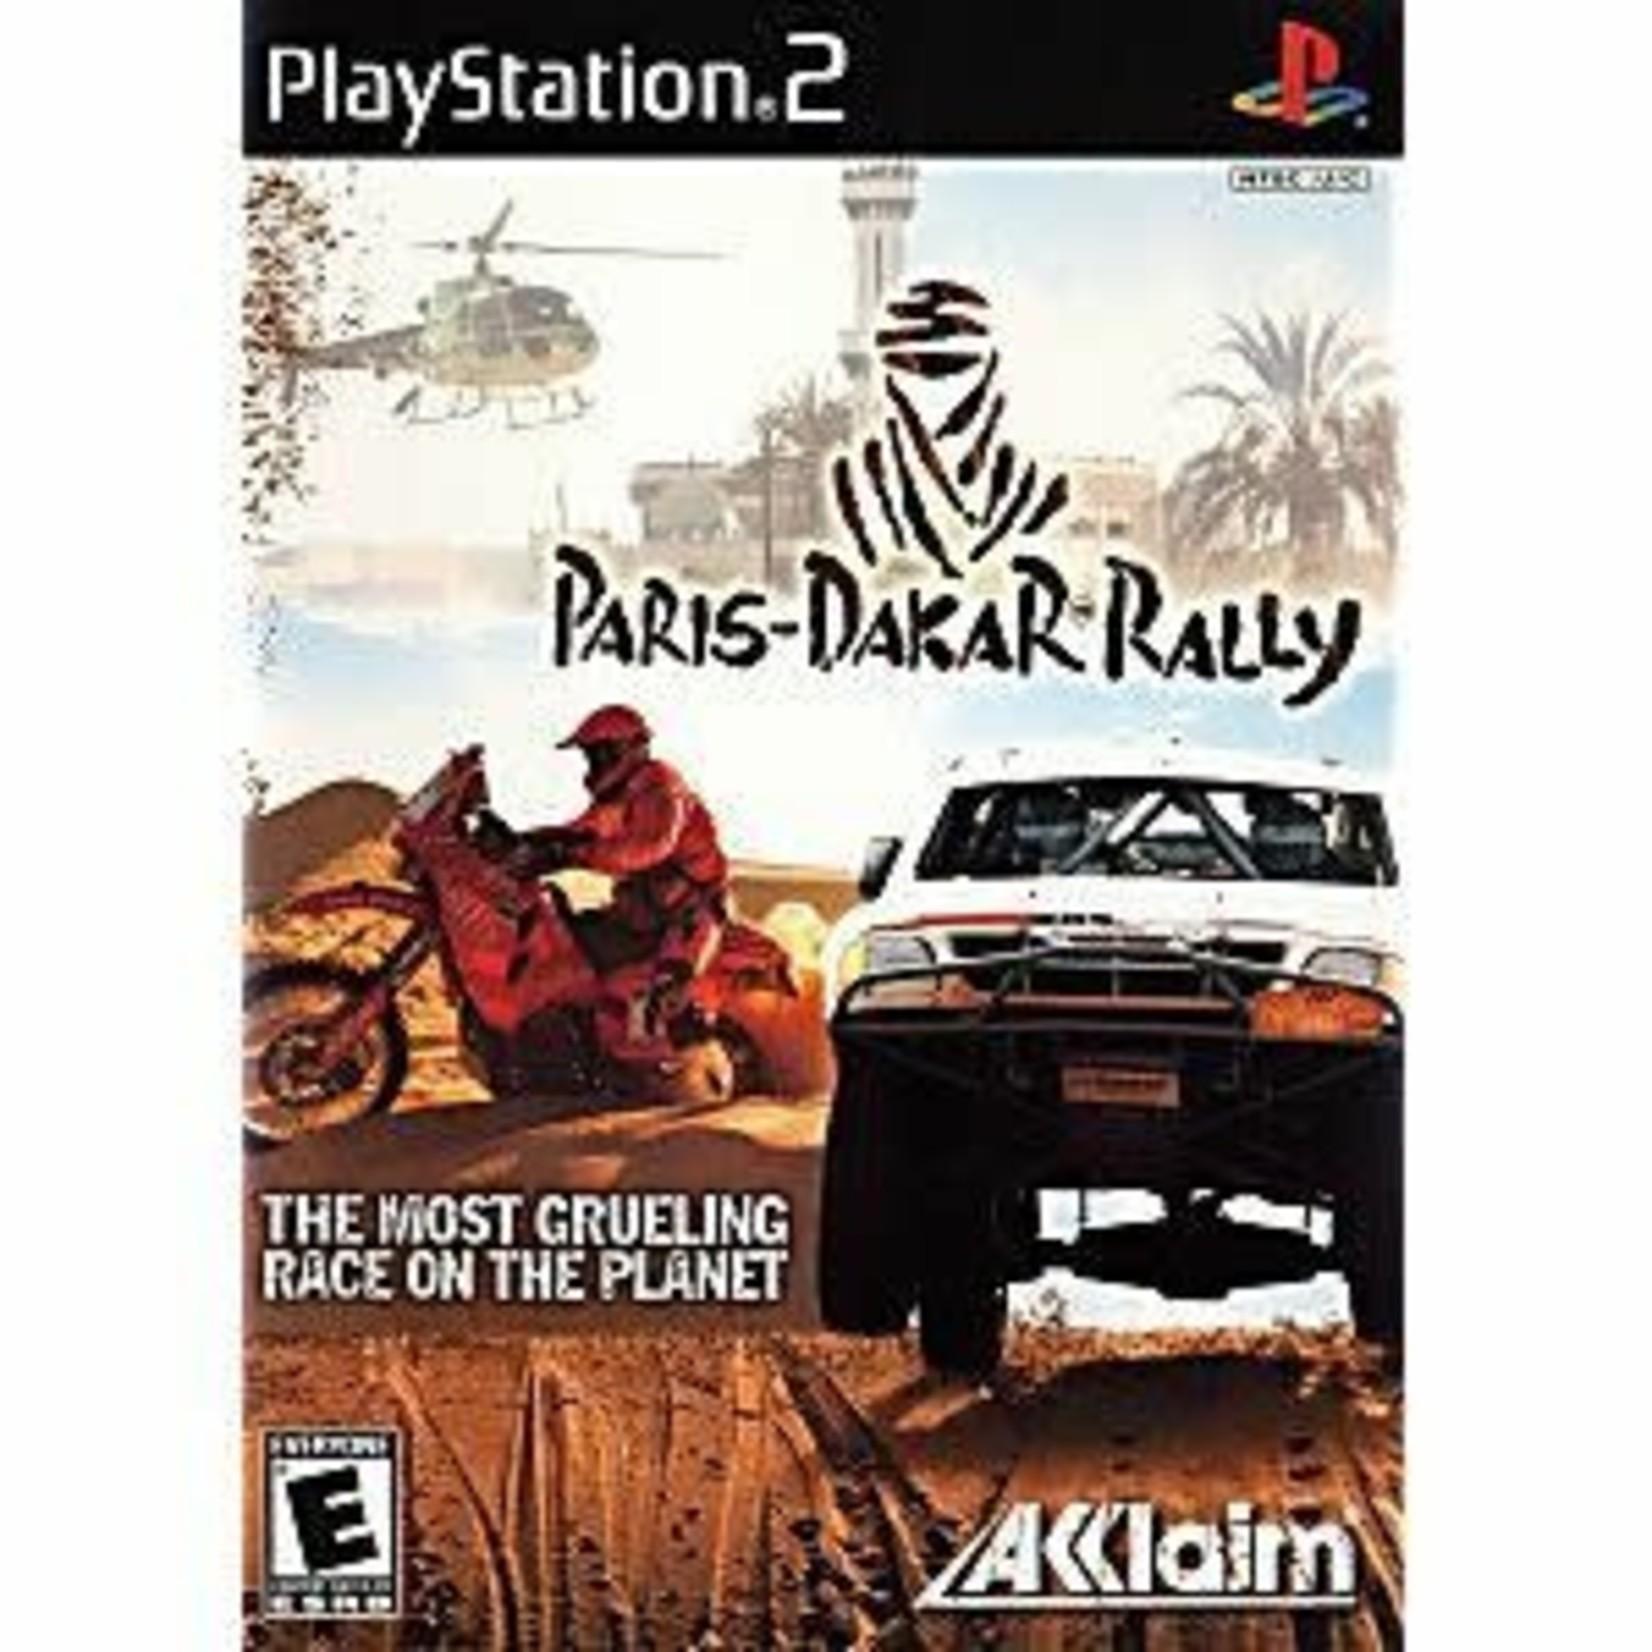 PS2U-PARIS DAKAR RALLY